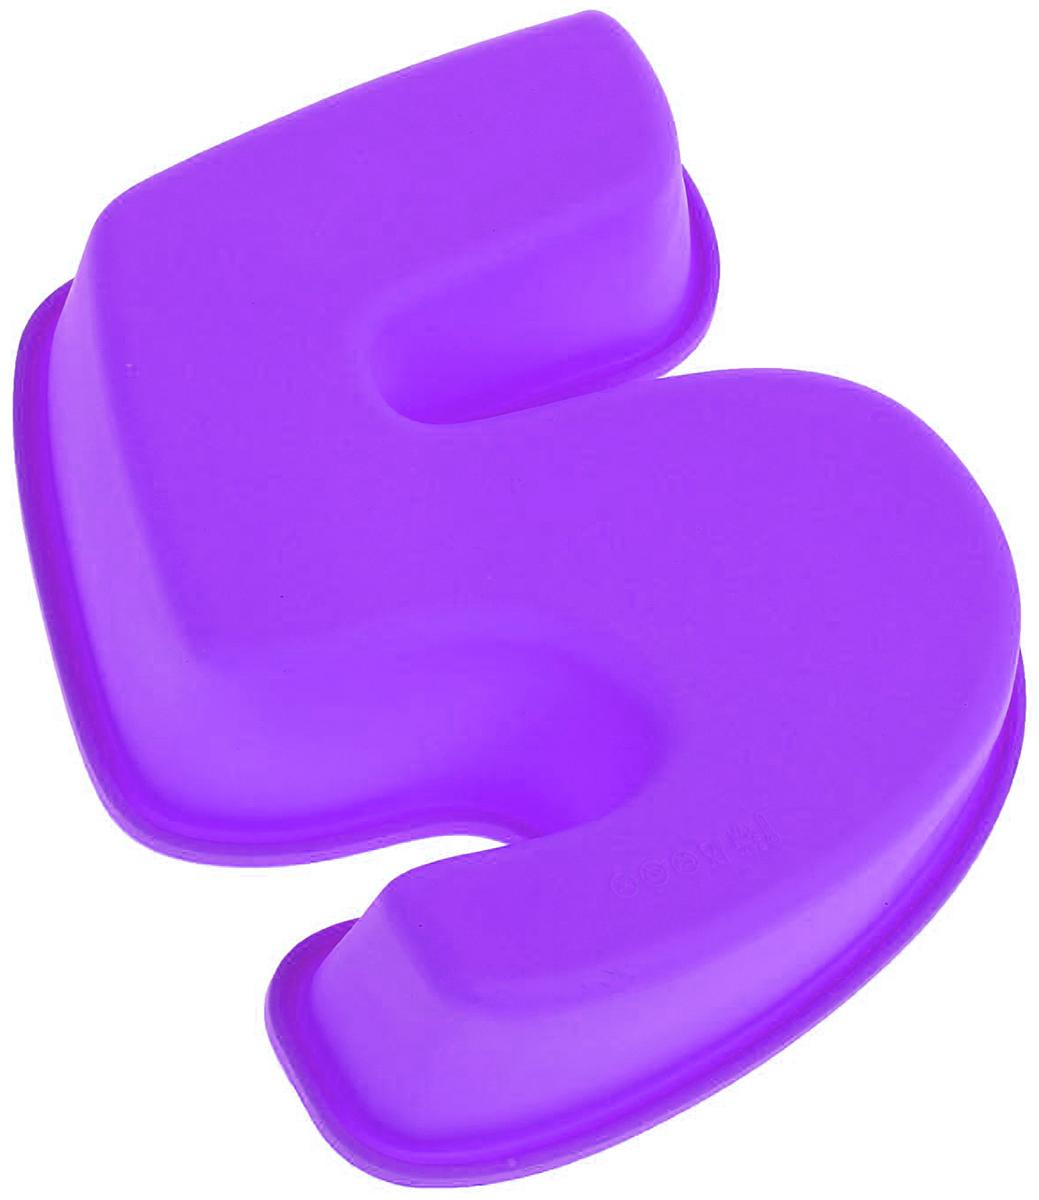 Форма для выпечки Доляна Цифра пять, цвет: фиолетовый, 25 х 22 х 5 см1403905_фиолетовыйФорма для выпечки из силикона — современное решение для практичных и радушных хозяек. Оригинальный предмет позволяет готовить в духовке любимые блюда из мяса, рыбы, птицы и овощей, а также вкуснейшую выпечку.Почему это изделие должно быть на кухне?блюдо сохраняет нужную форму и легко отделяется от стенок после приготовления;высокая термостойкость (от –40 до 230 ?) позволяет применять форму в духовых шкафах и морозильных камерах;небольшая масса делает эксплуатацию предмета простой даже для хрупкой женщины;силикон пригоден для посудомоечных машин;высокопрочный материал делает форму долговечным инструментом;при хранении предмет занимает мало места.Советы по использованию формыПеред первым применением промойте предмет тёплой водой.В процессе приготовления используйте кухонный инструмент из дерева, пластика или силикона.Перед извлечением блюда из силиконовой формы дайте ему немного остыть, осторожно отогните края предмета.Готовьте с удовольствием!